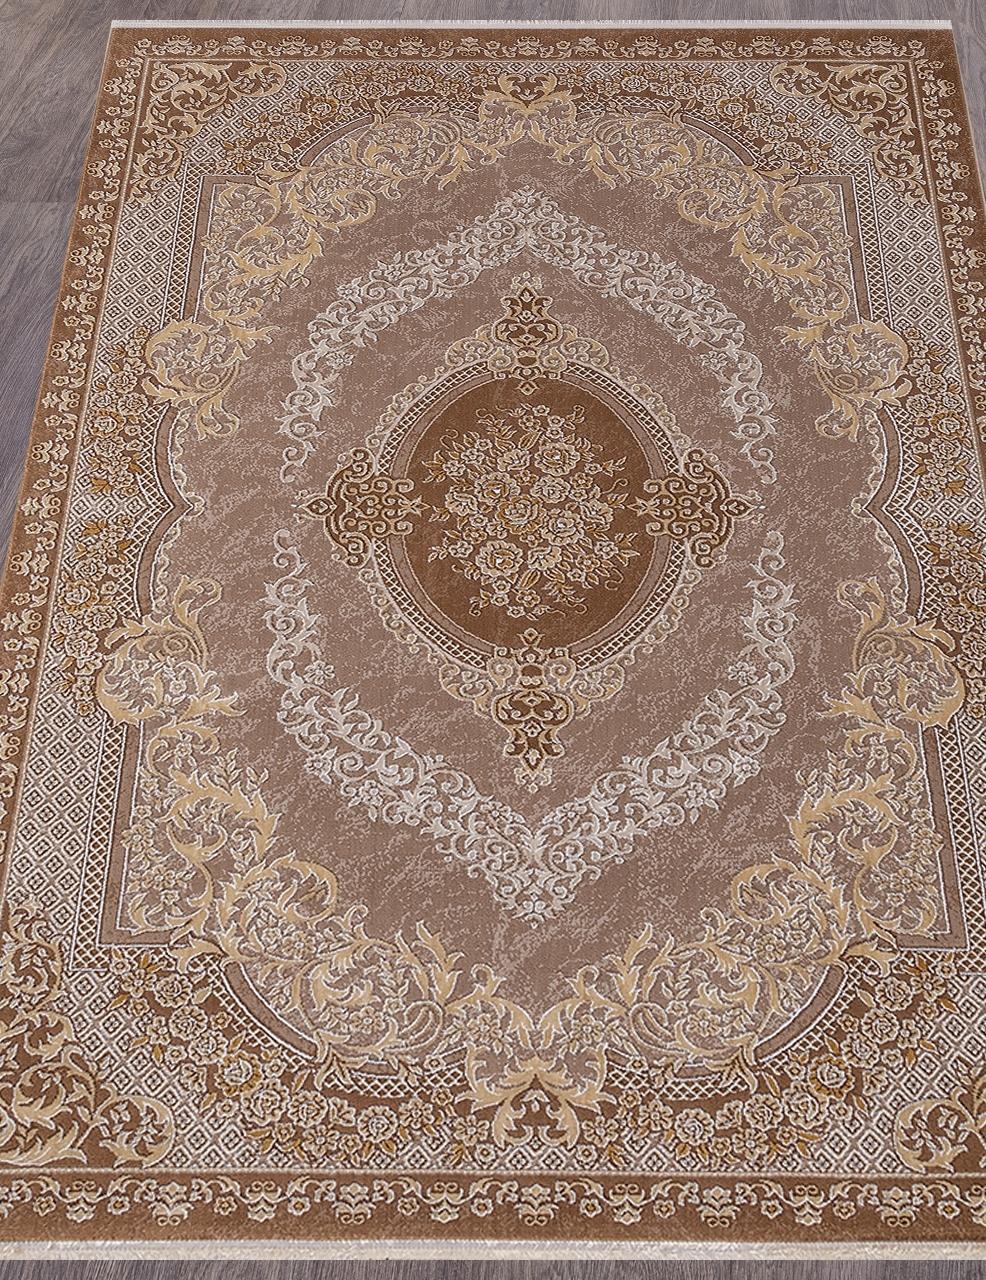 Ковер 33342 - 080 BROWN - Прямоугольник - коллекция QATAR